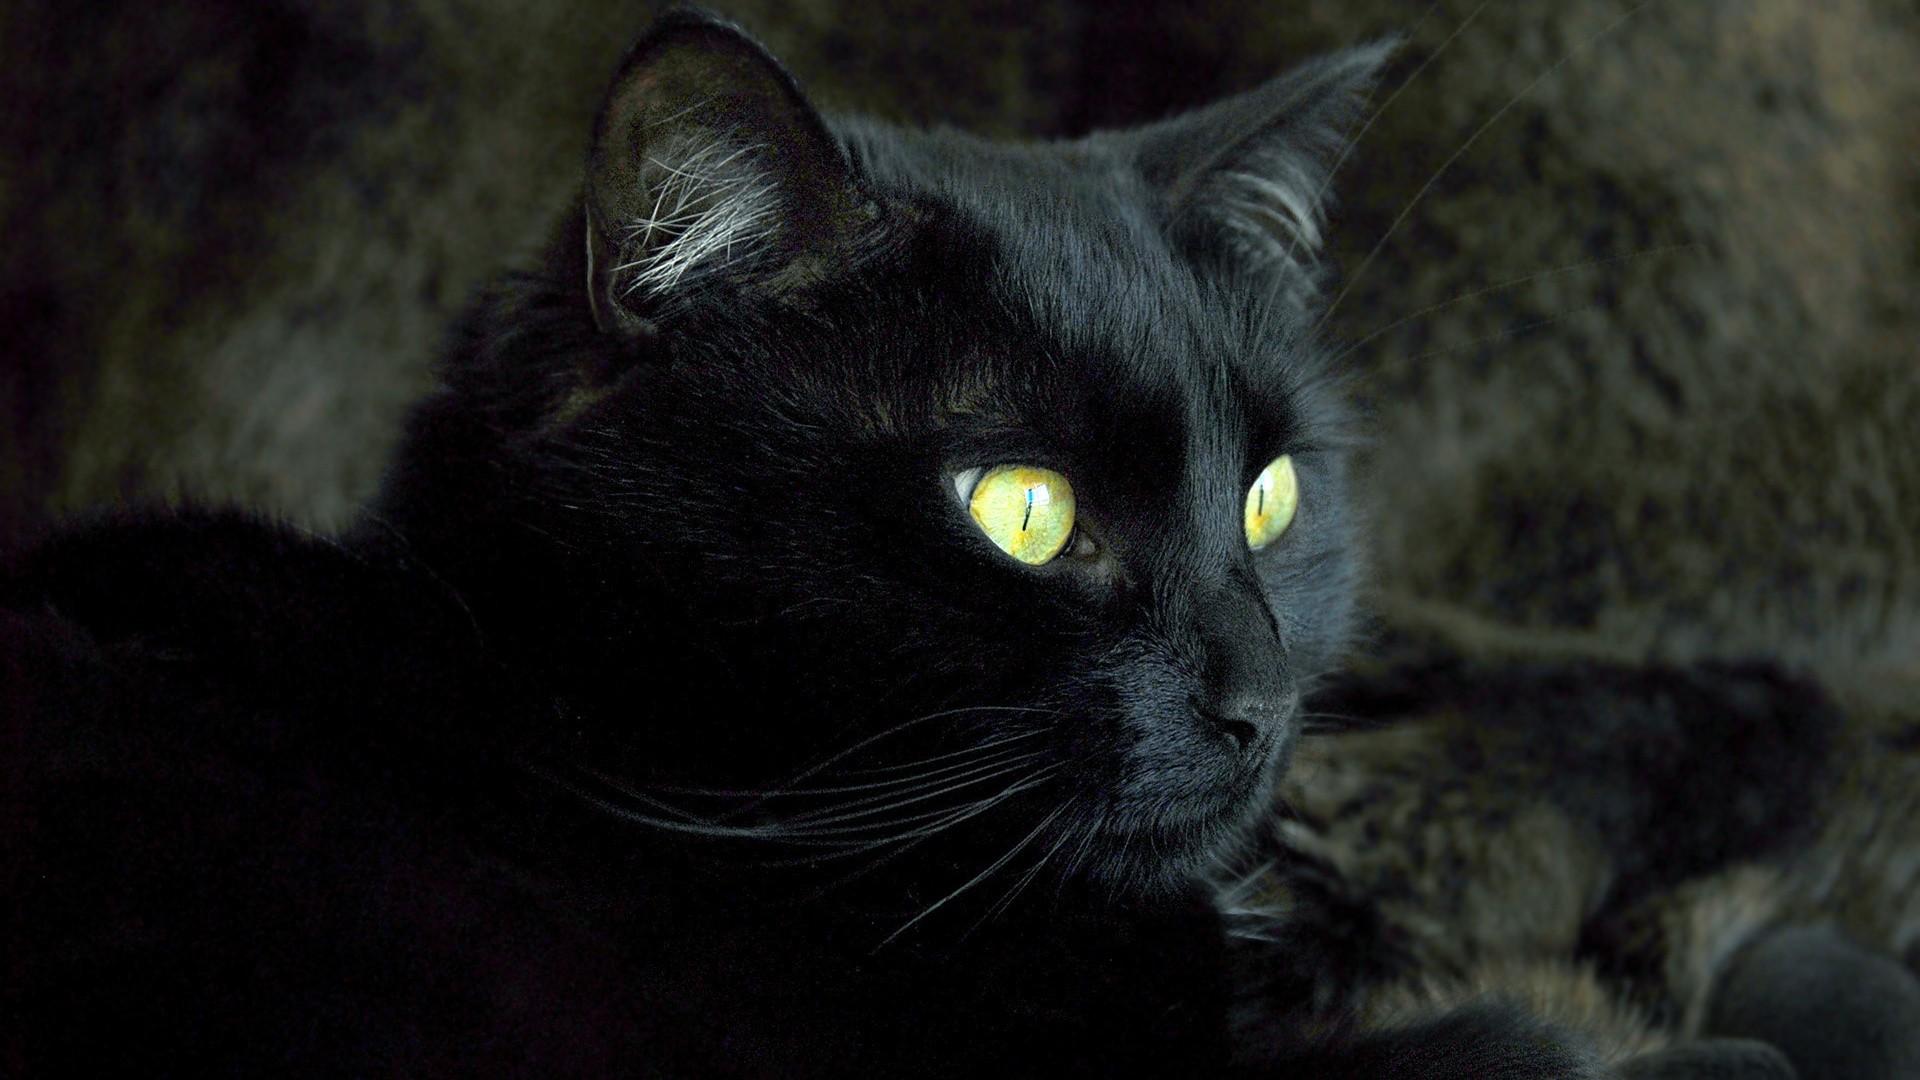 Black Cat Wallpaper for pc